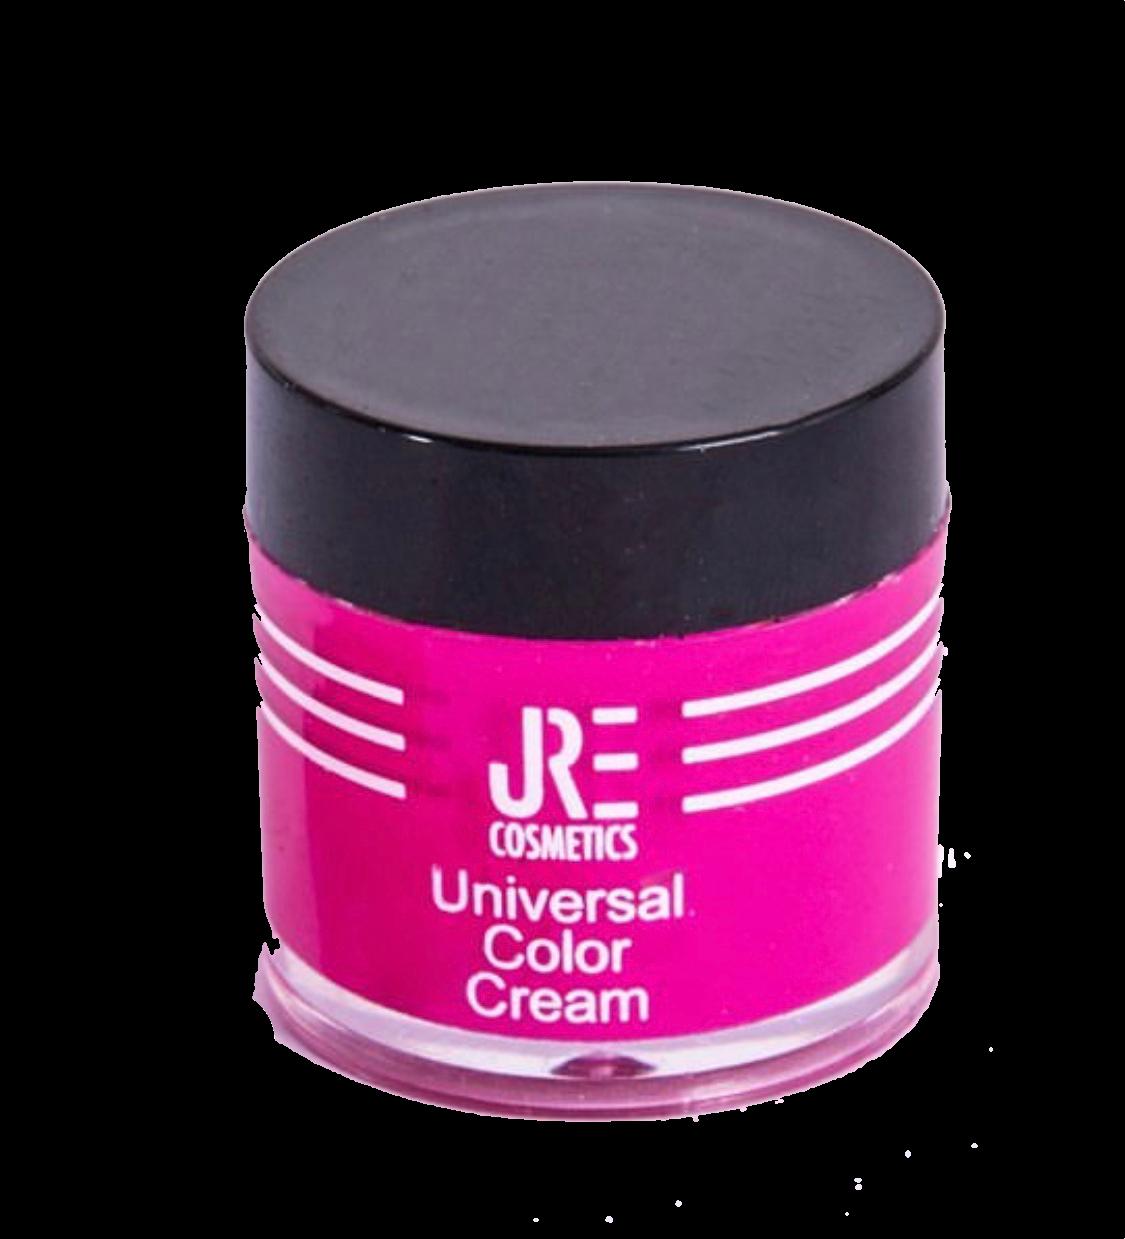 Universal Color Cream de JRE Cosmetics